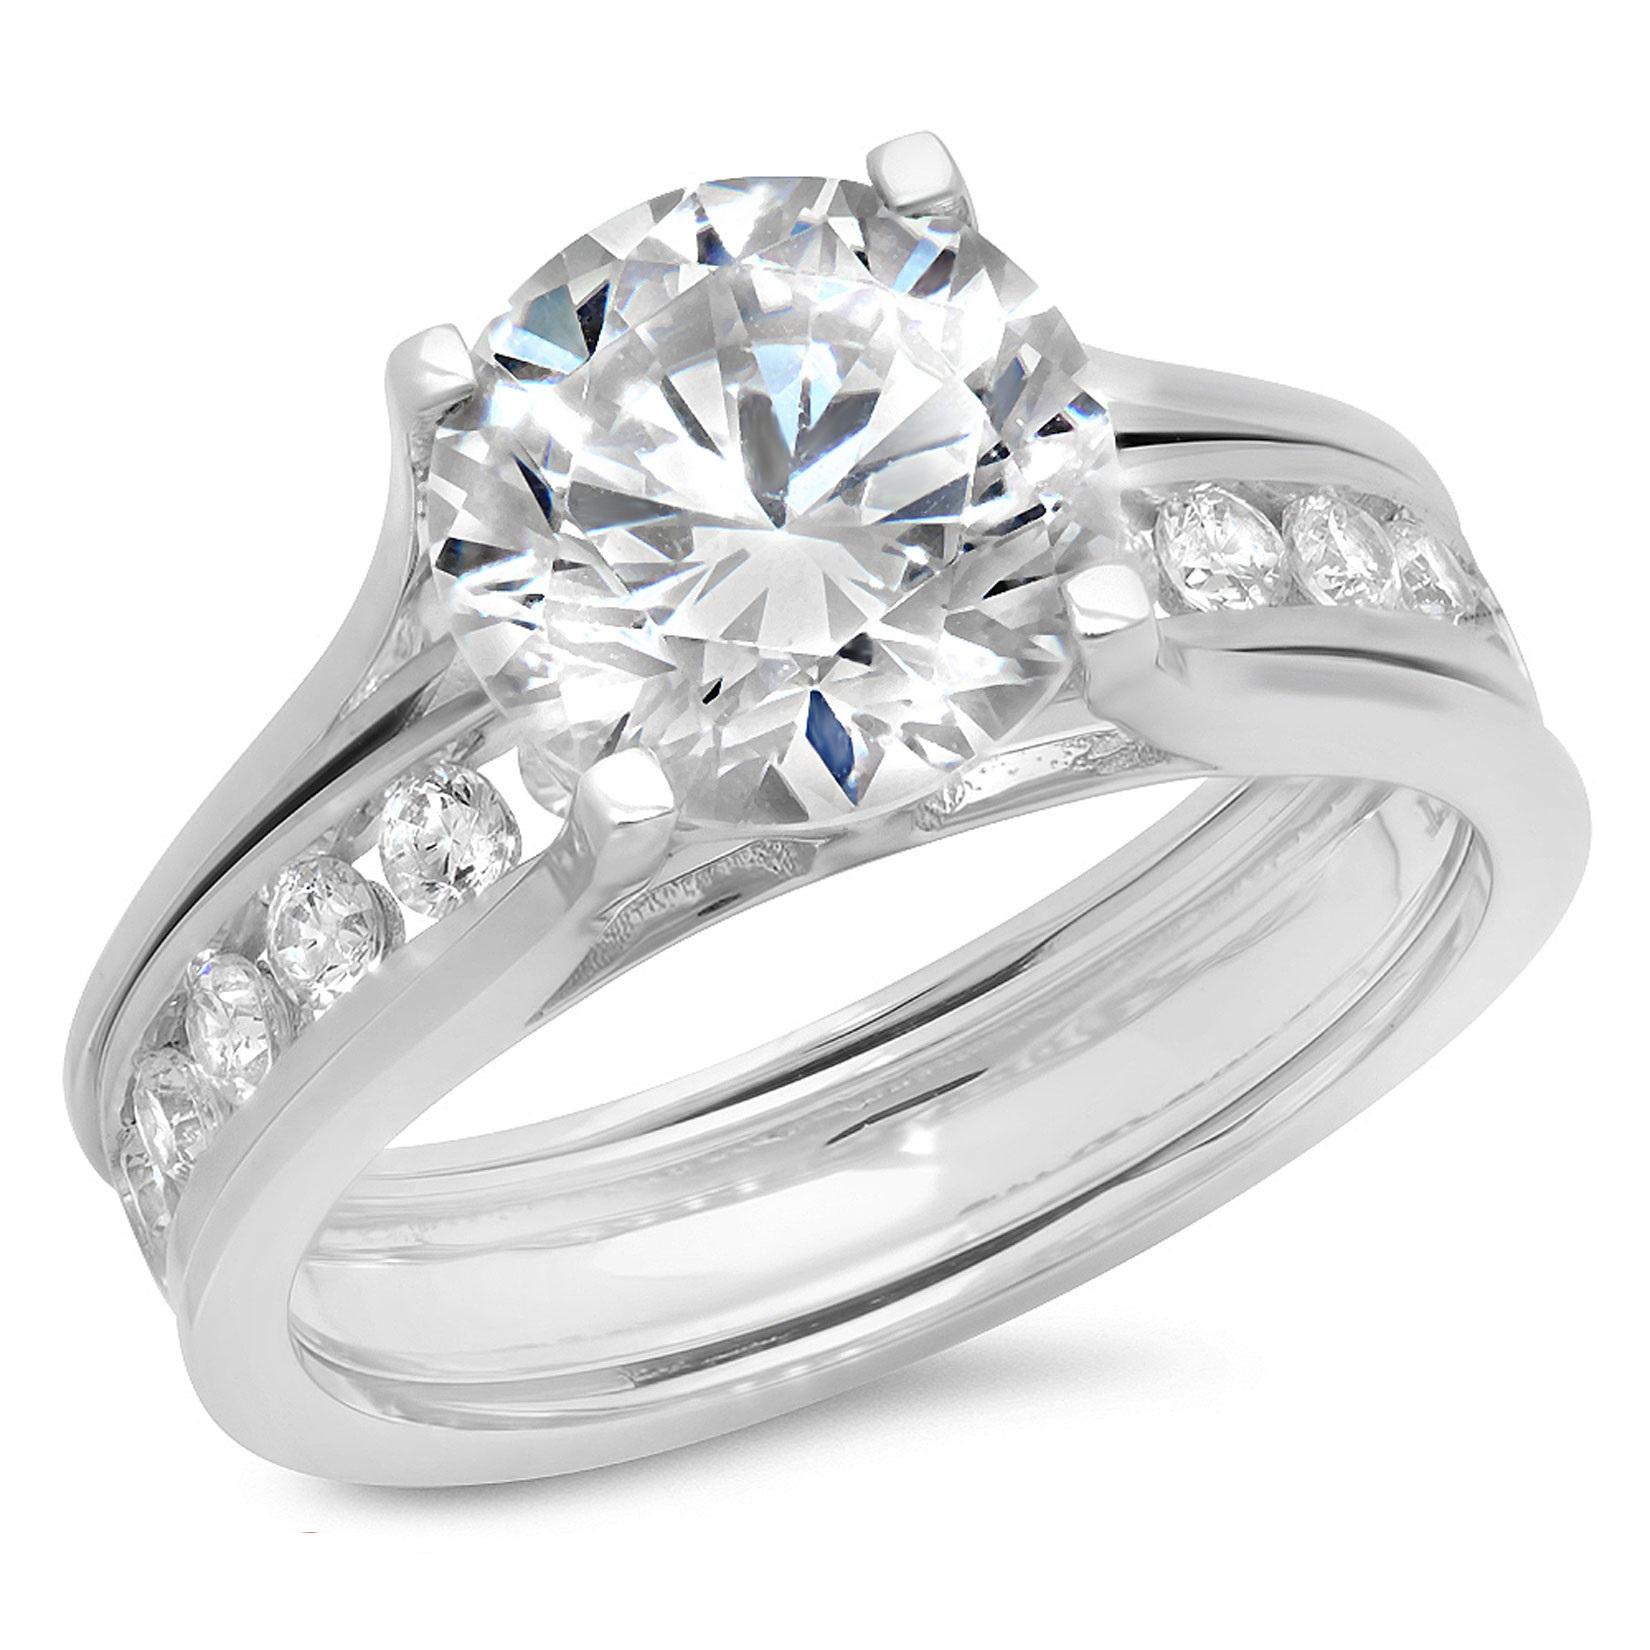 2.99 CT Round Cut Sim Diamond Halo Bridal Engagement Wedding Ring sliding band set 14k White Gold, Size 5.5